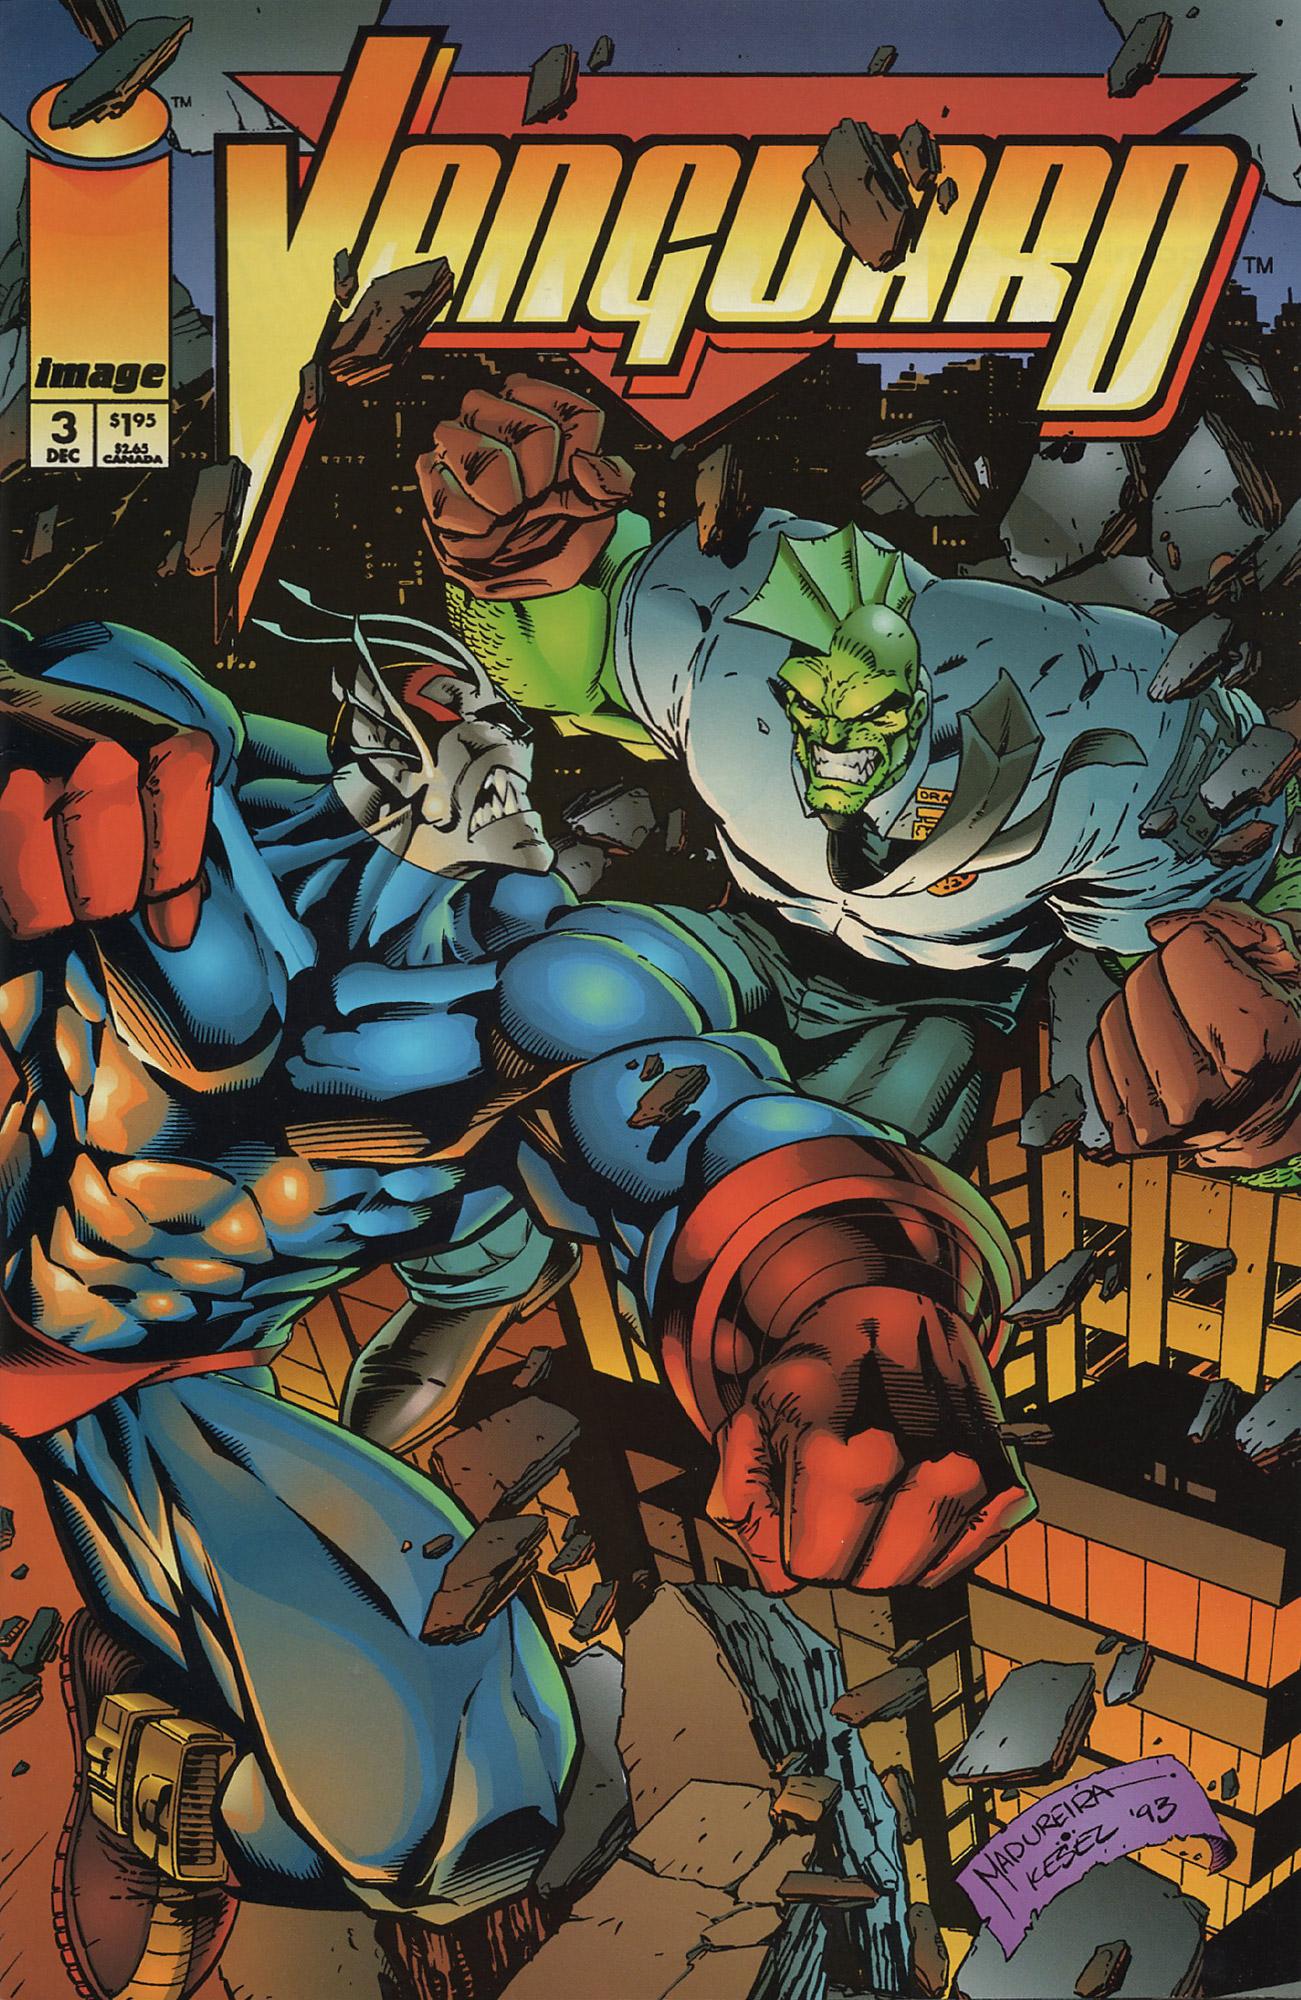 Cover Vanguard Vol.1 #3